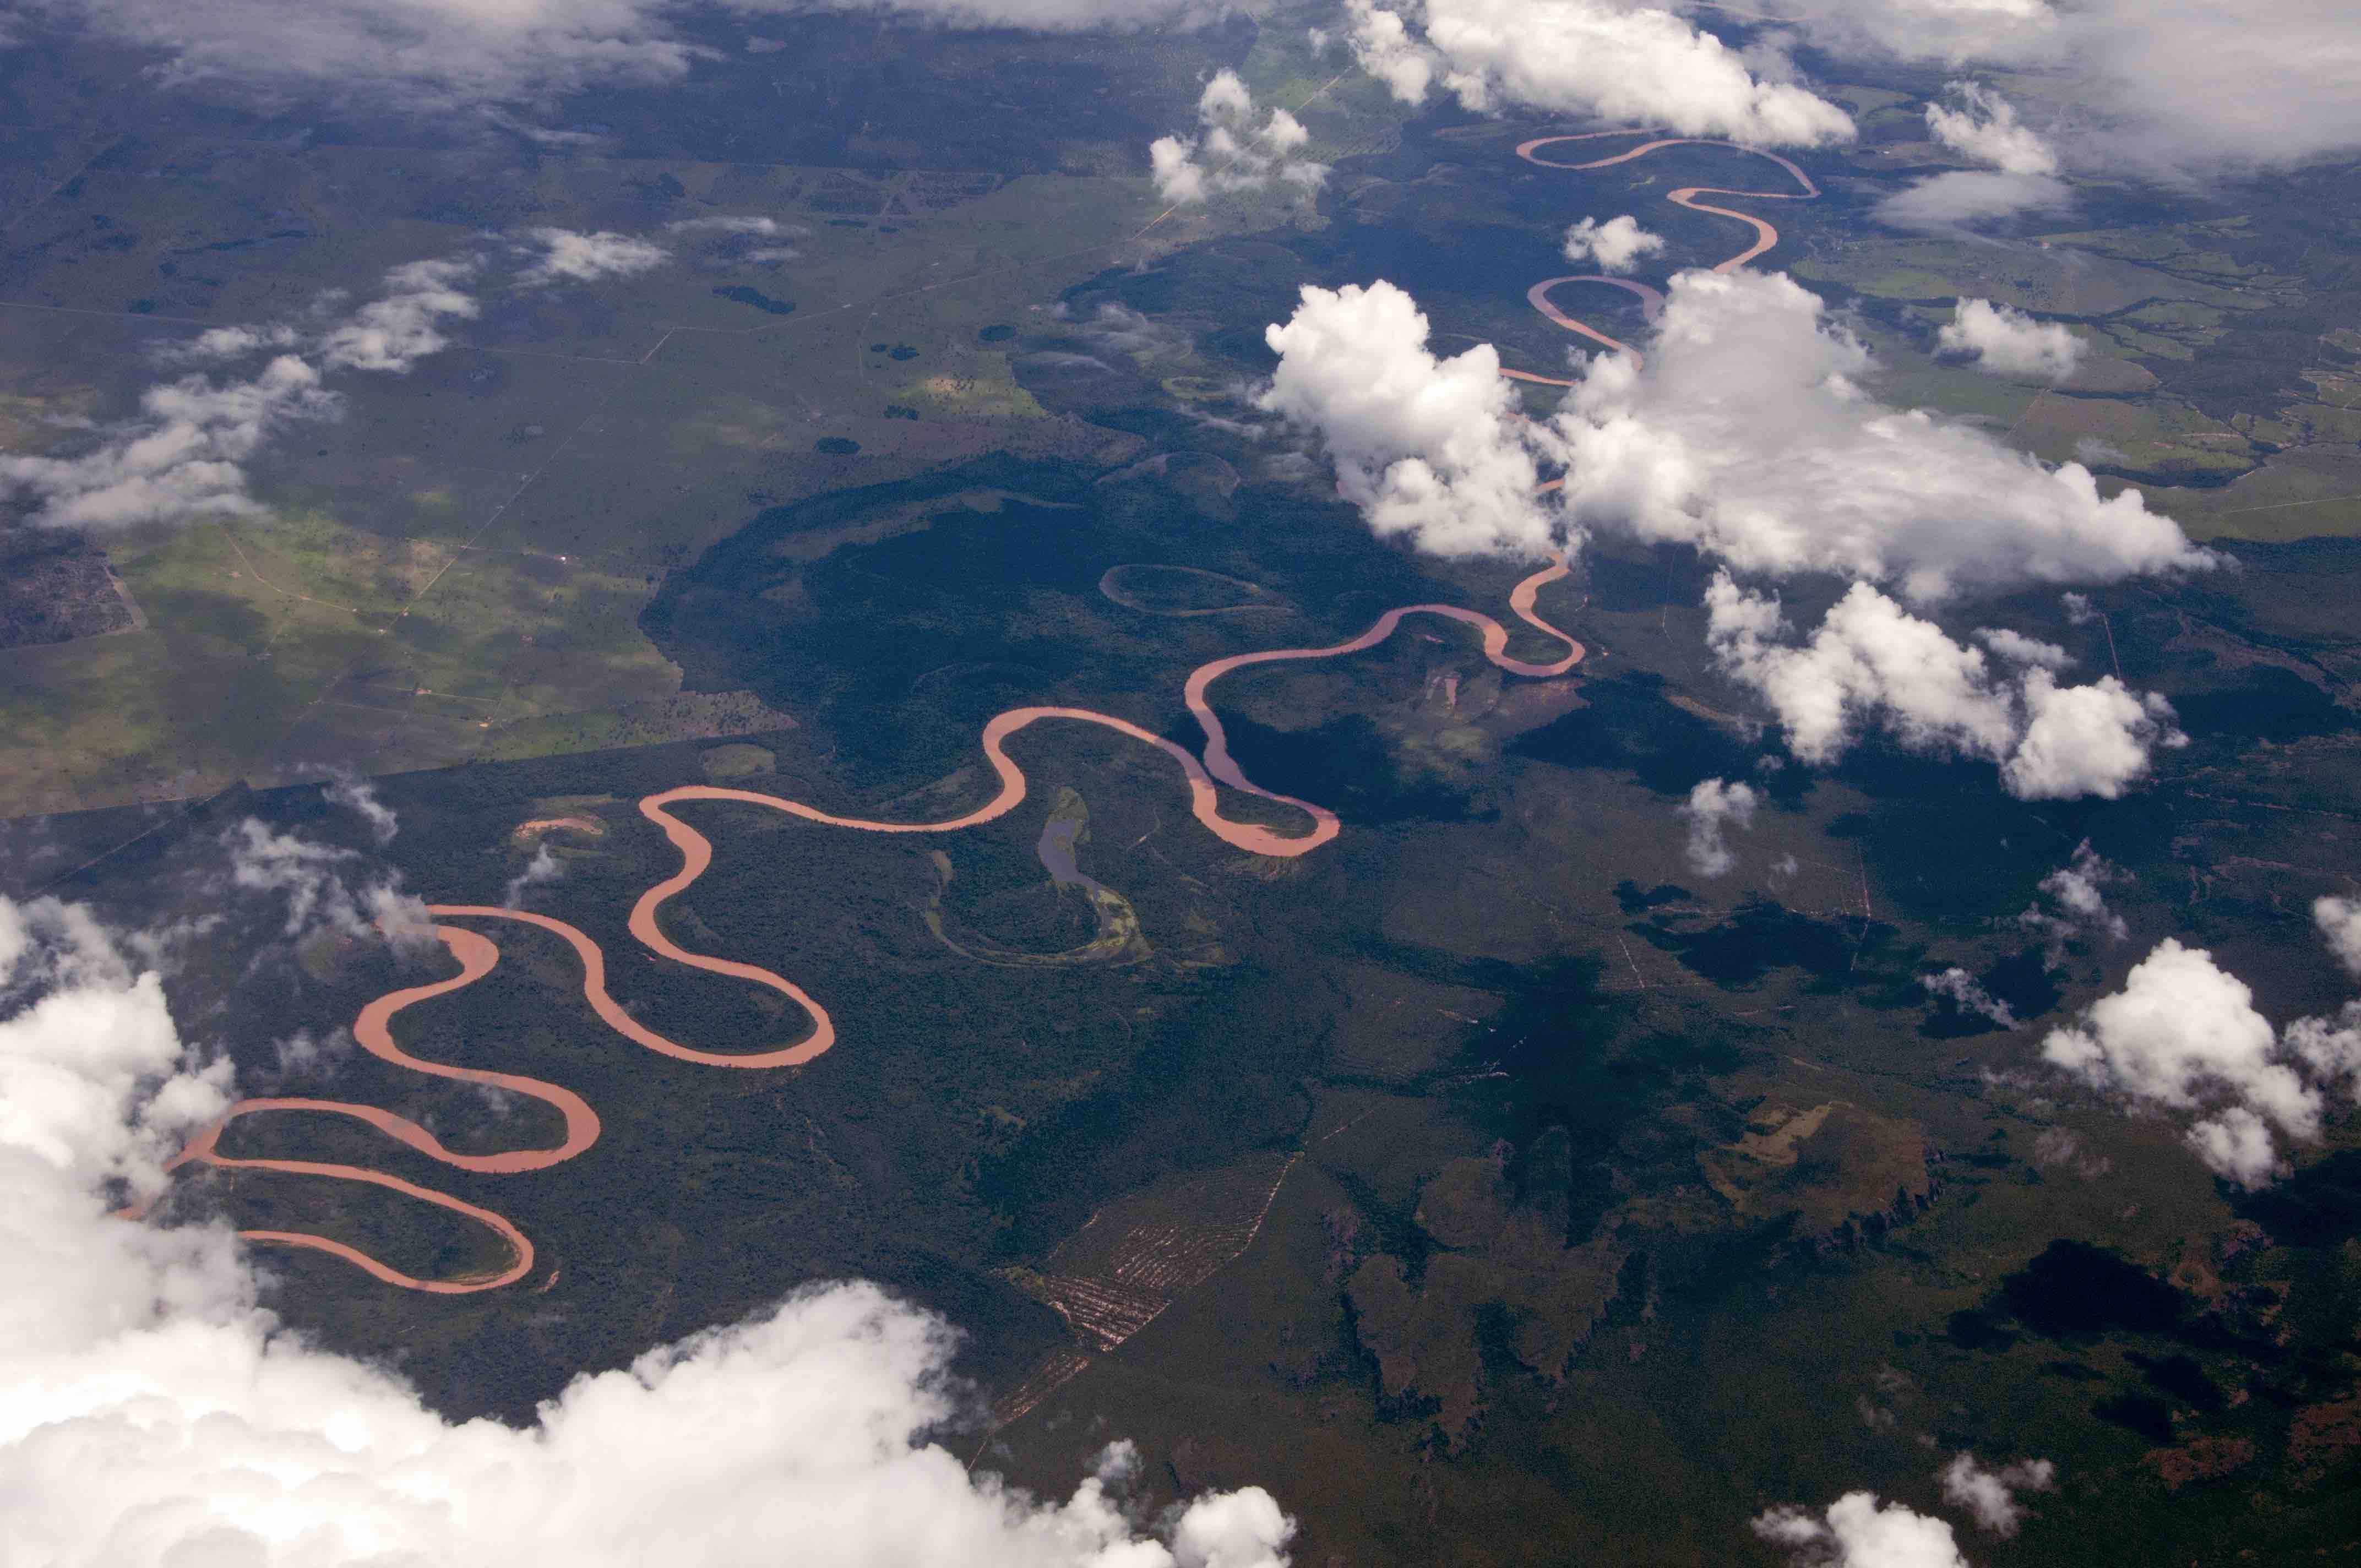 Foto aérea de rio serpenteando no estado do Amazonas.